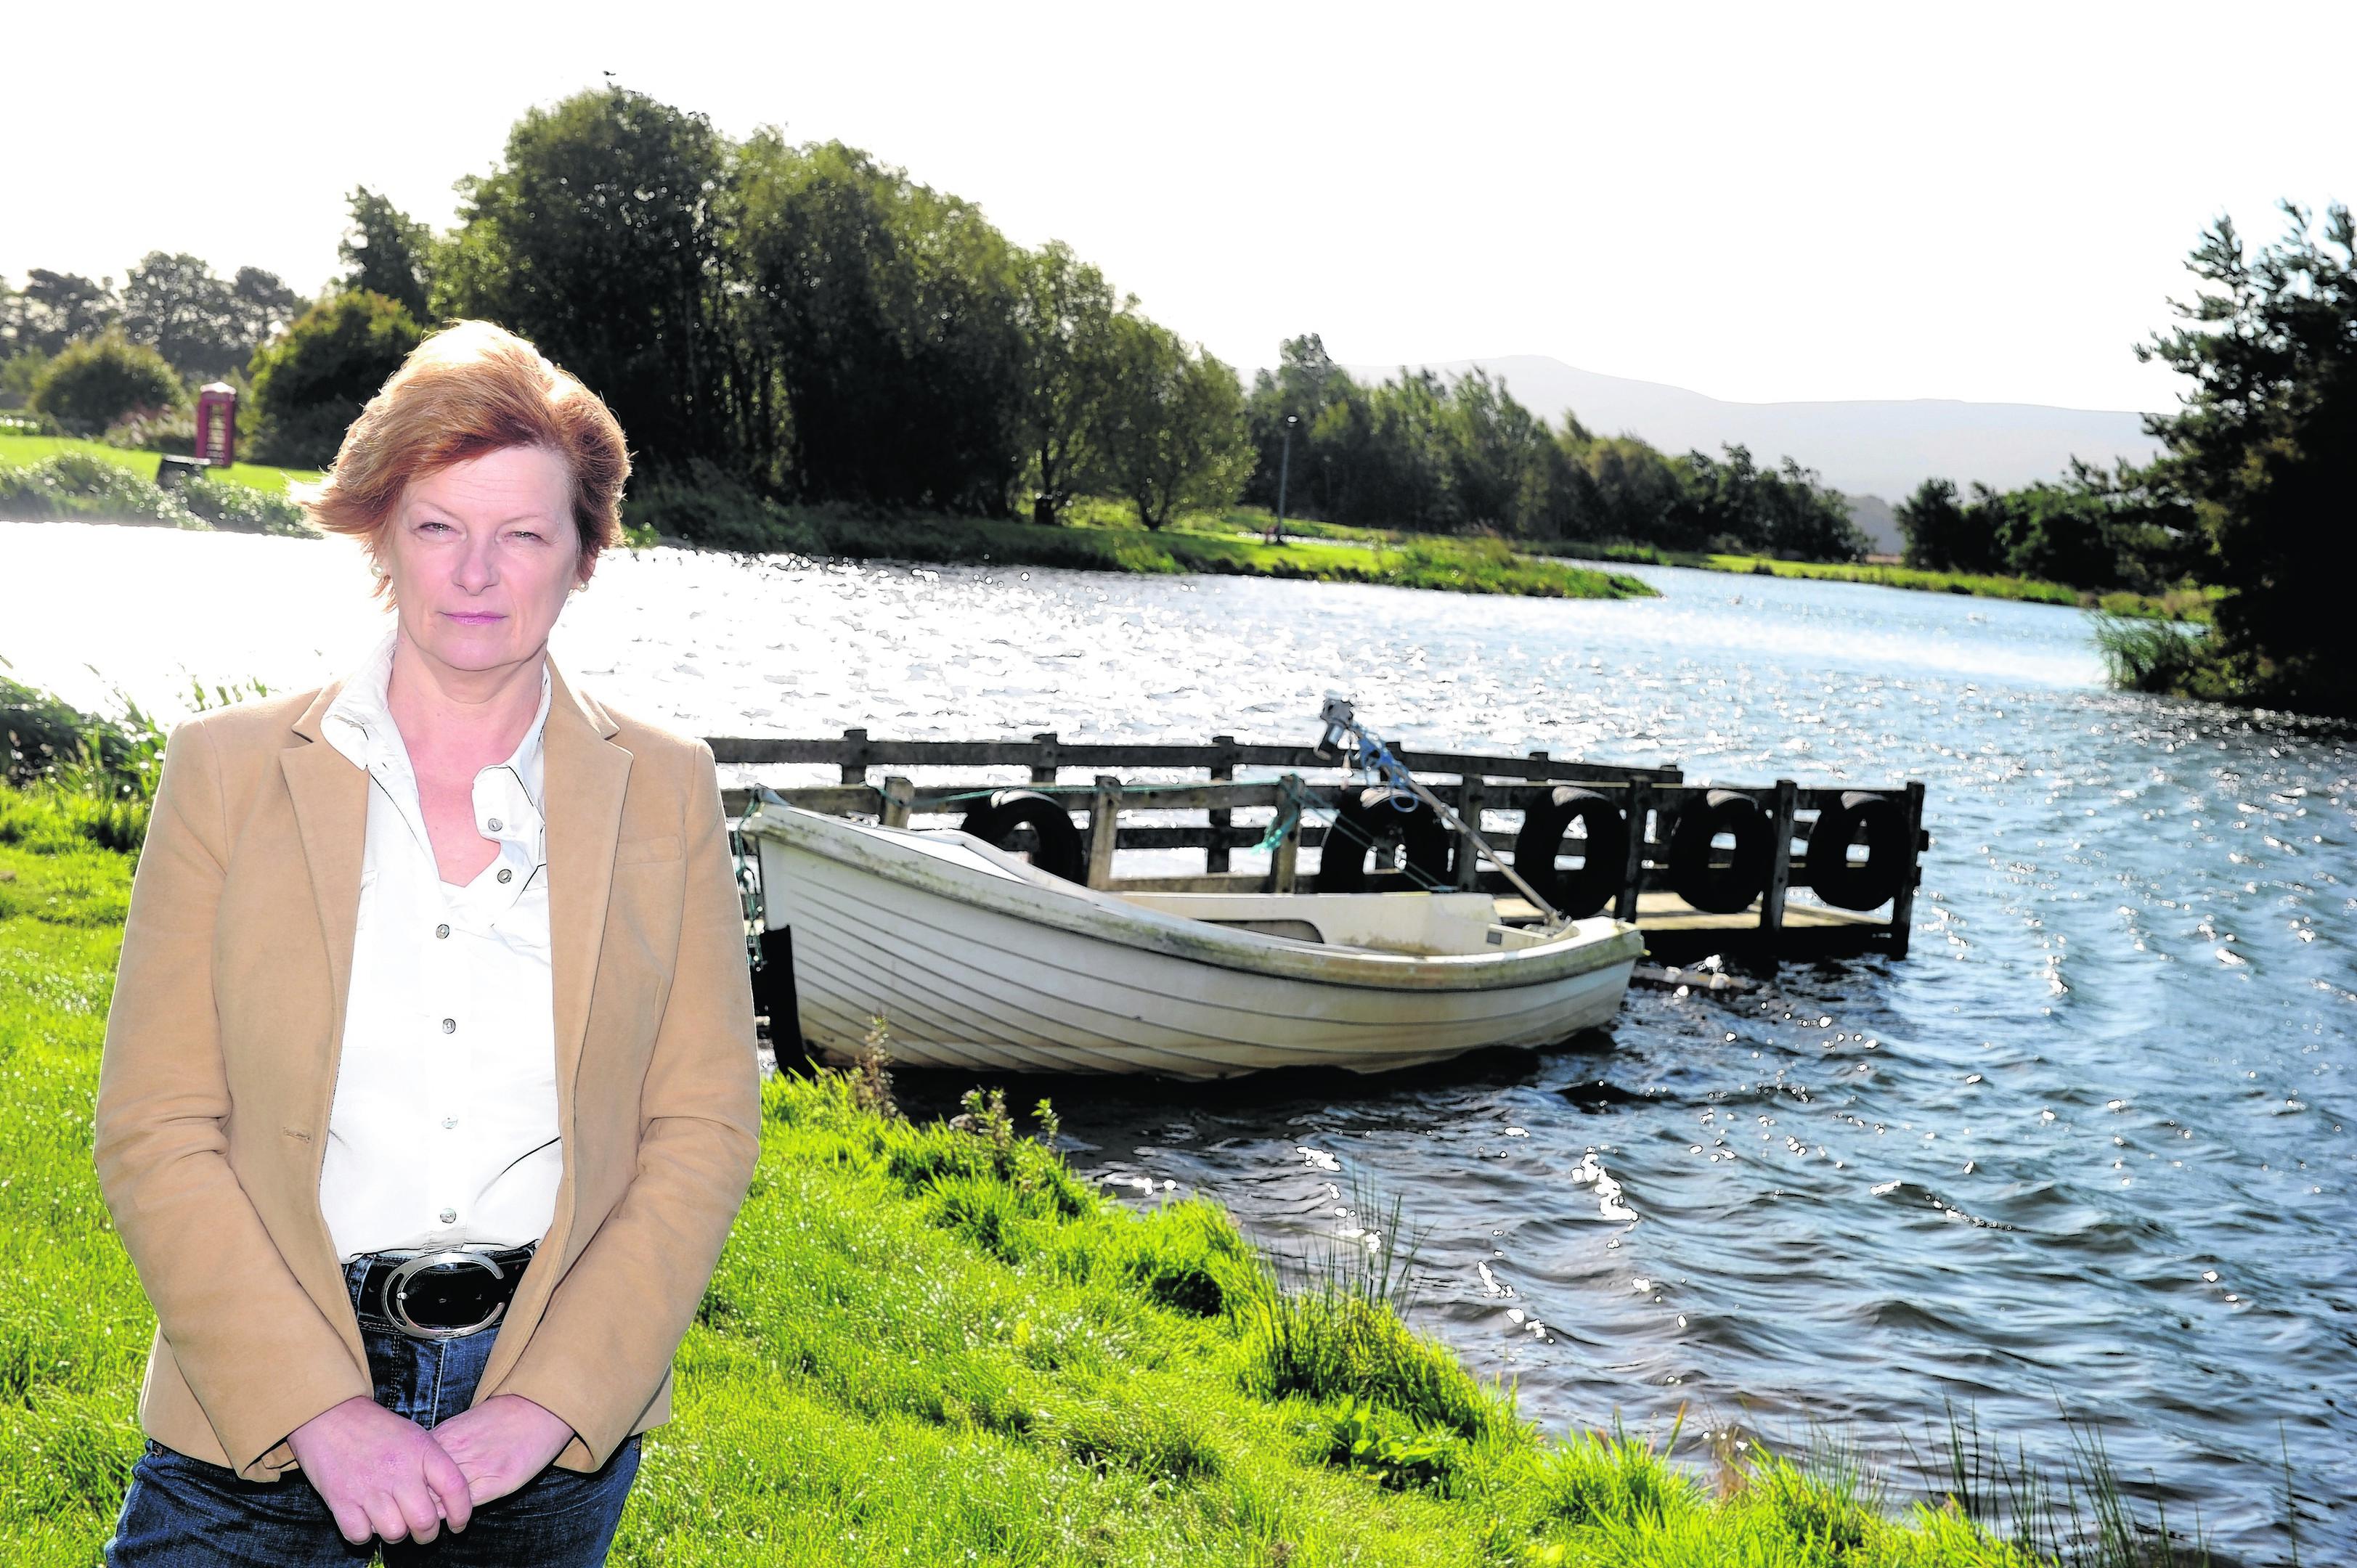 Owner Jeni Wood at Loch Insch Fishery, Culsalmond, Insch, Aberdeenshire.